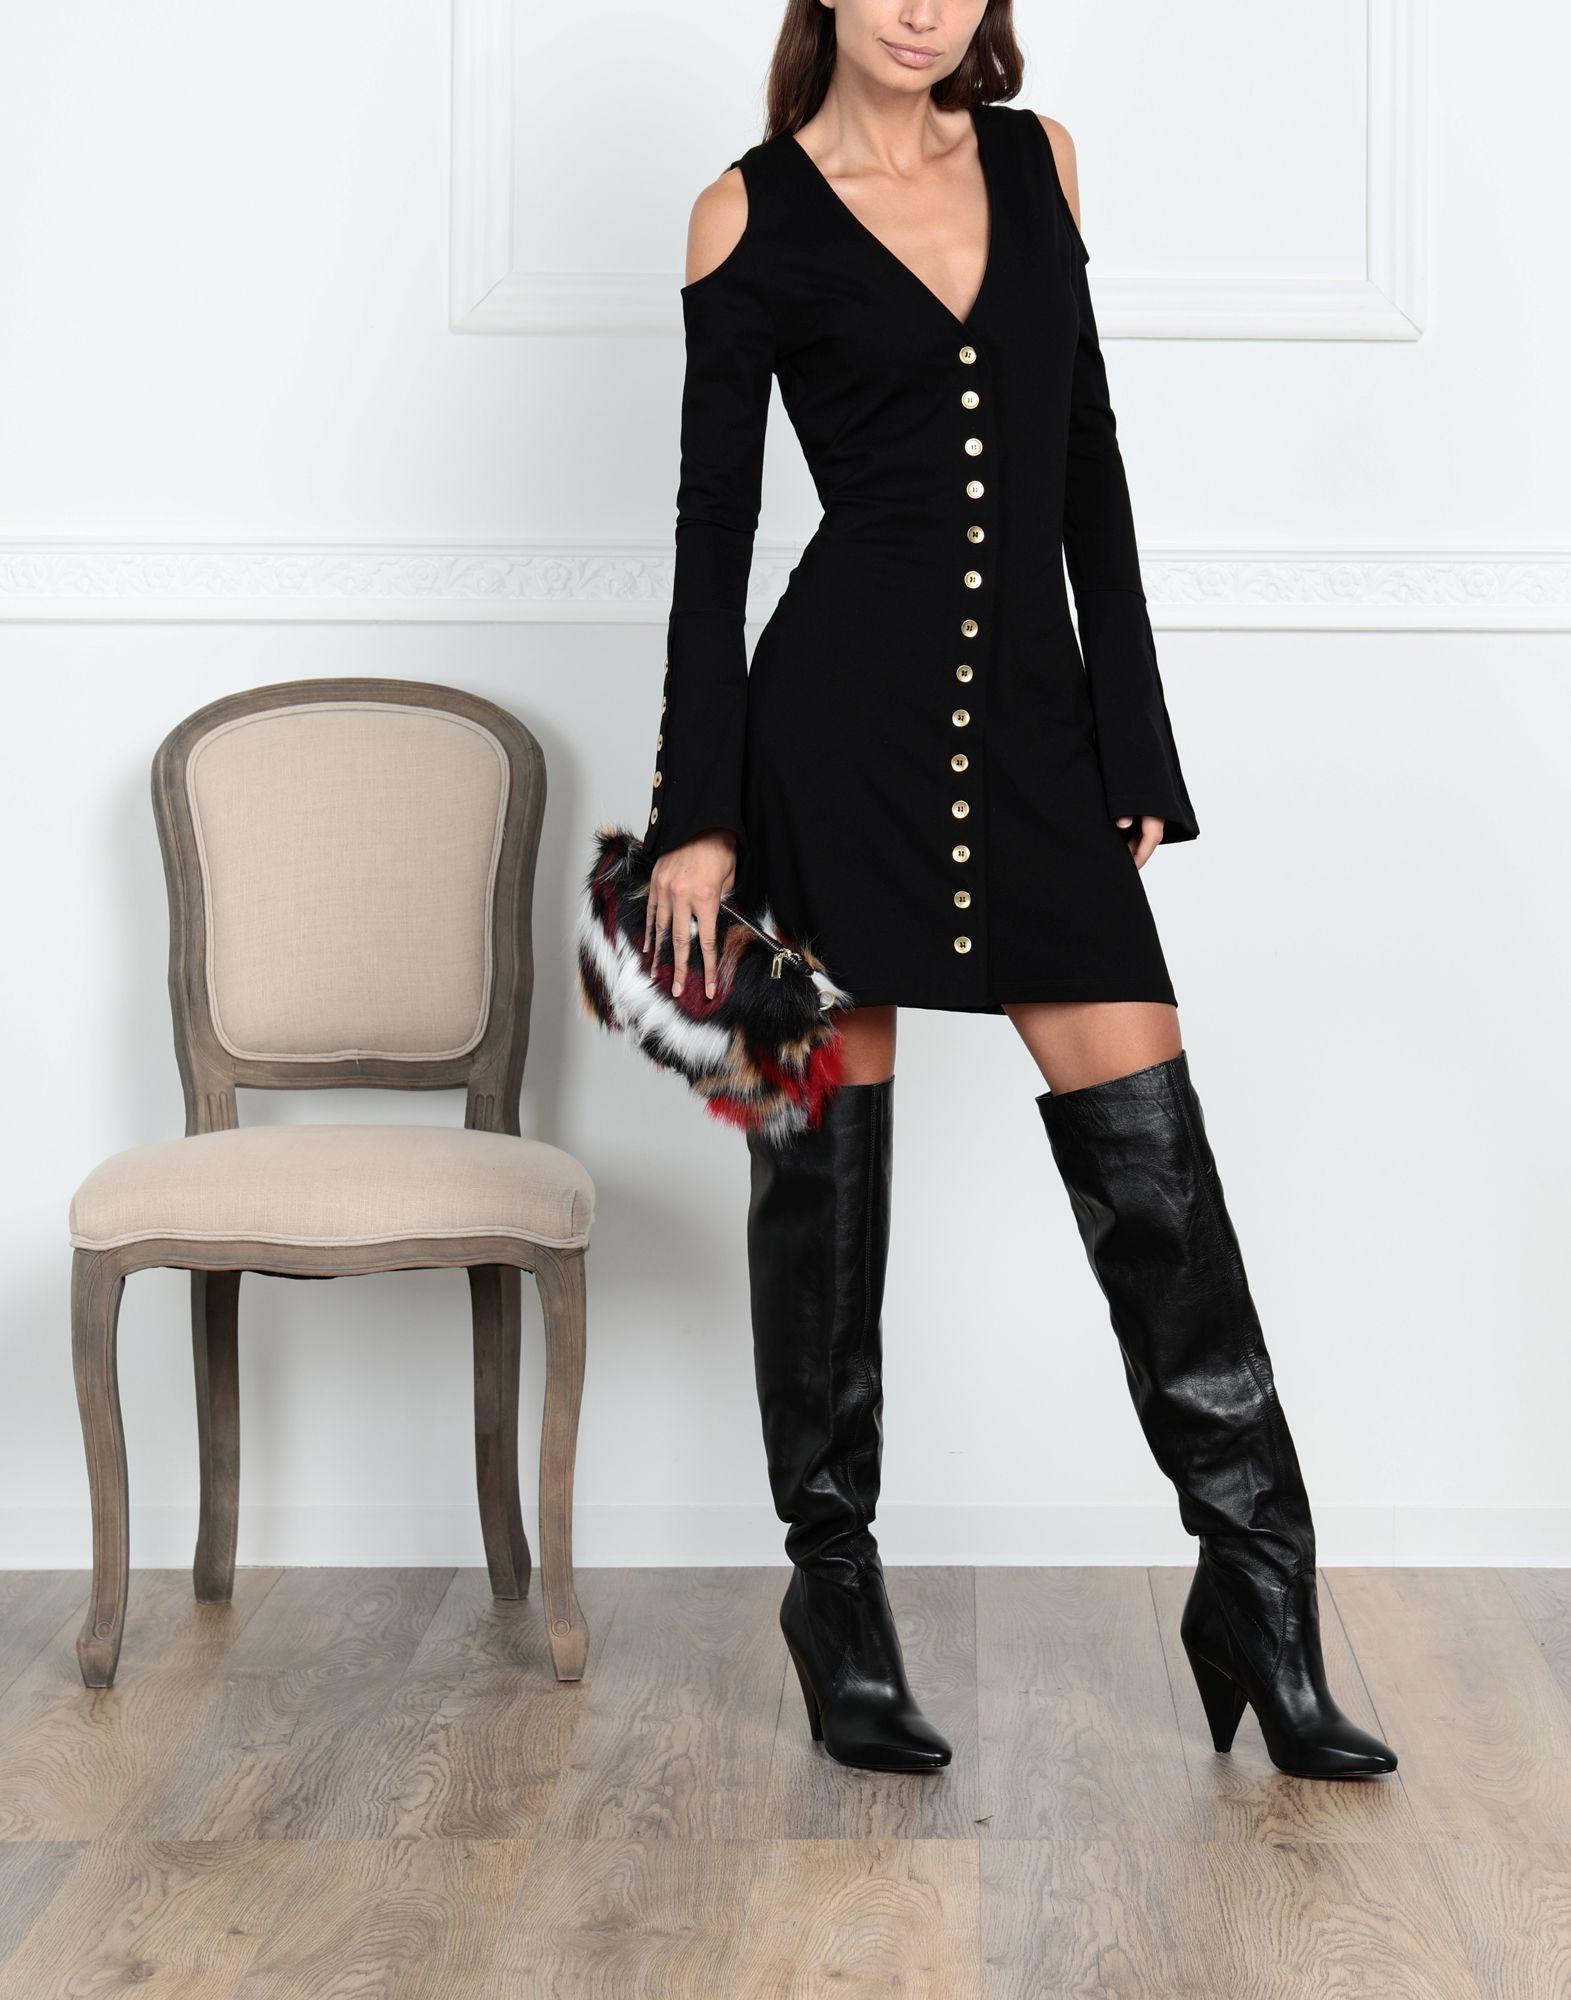 Stilvolle Stilvolle Stilvolle billige Schuhe Jolie By Edward Spiers Stiefel Damen  11507889OM 2265c7